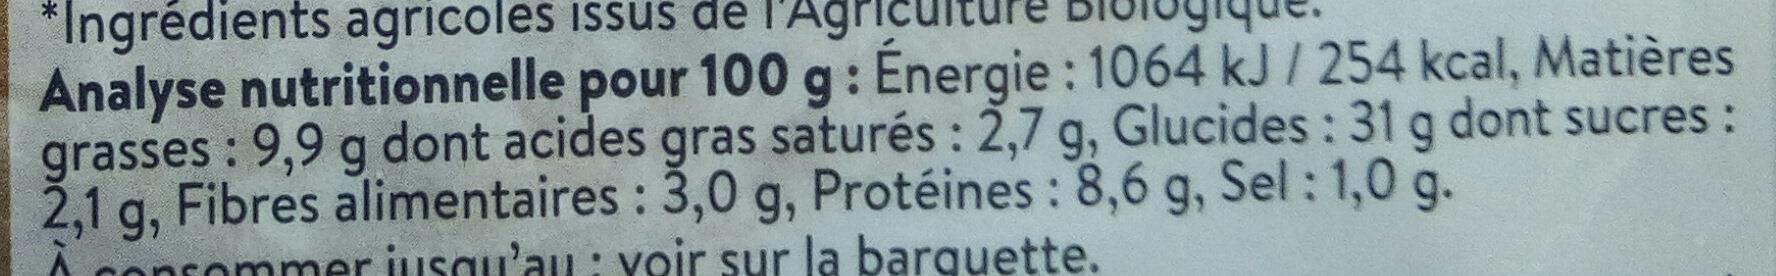 2 Galettes de Céréales Sarrasin Gruyère - Informations nutritionnelles